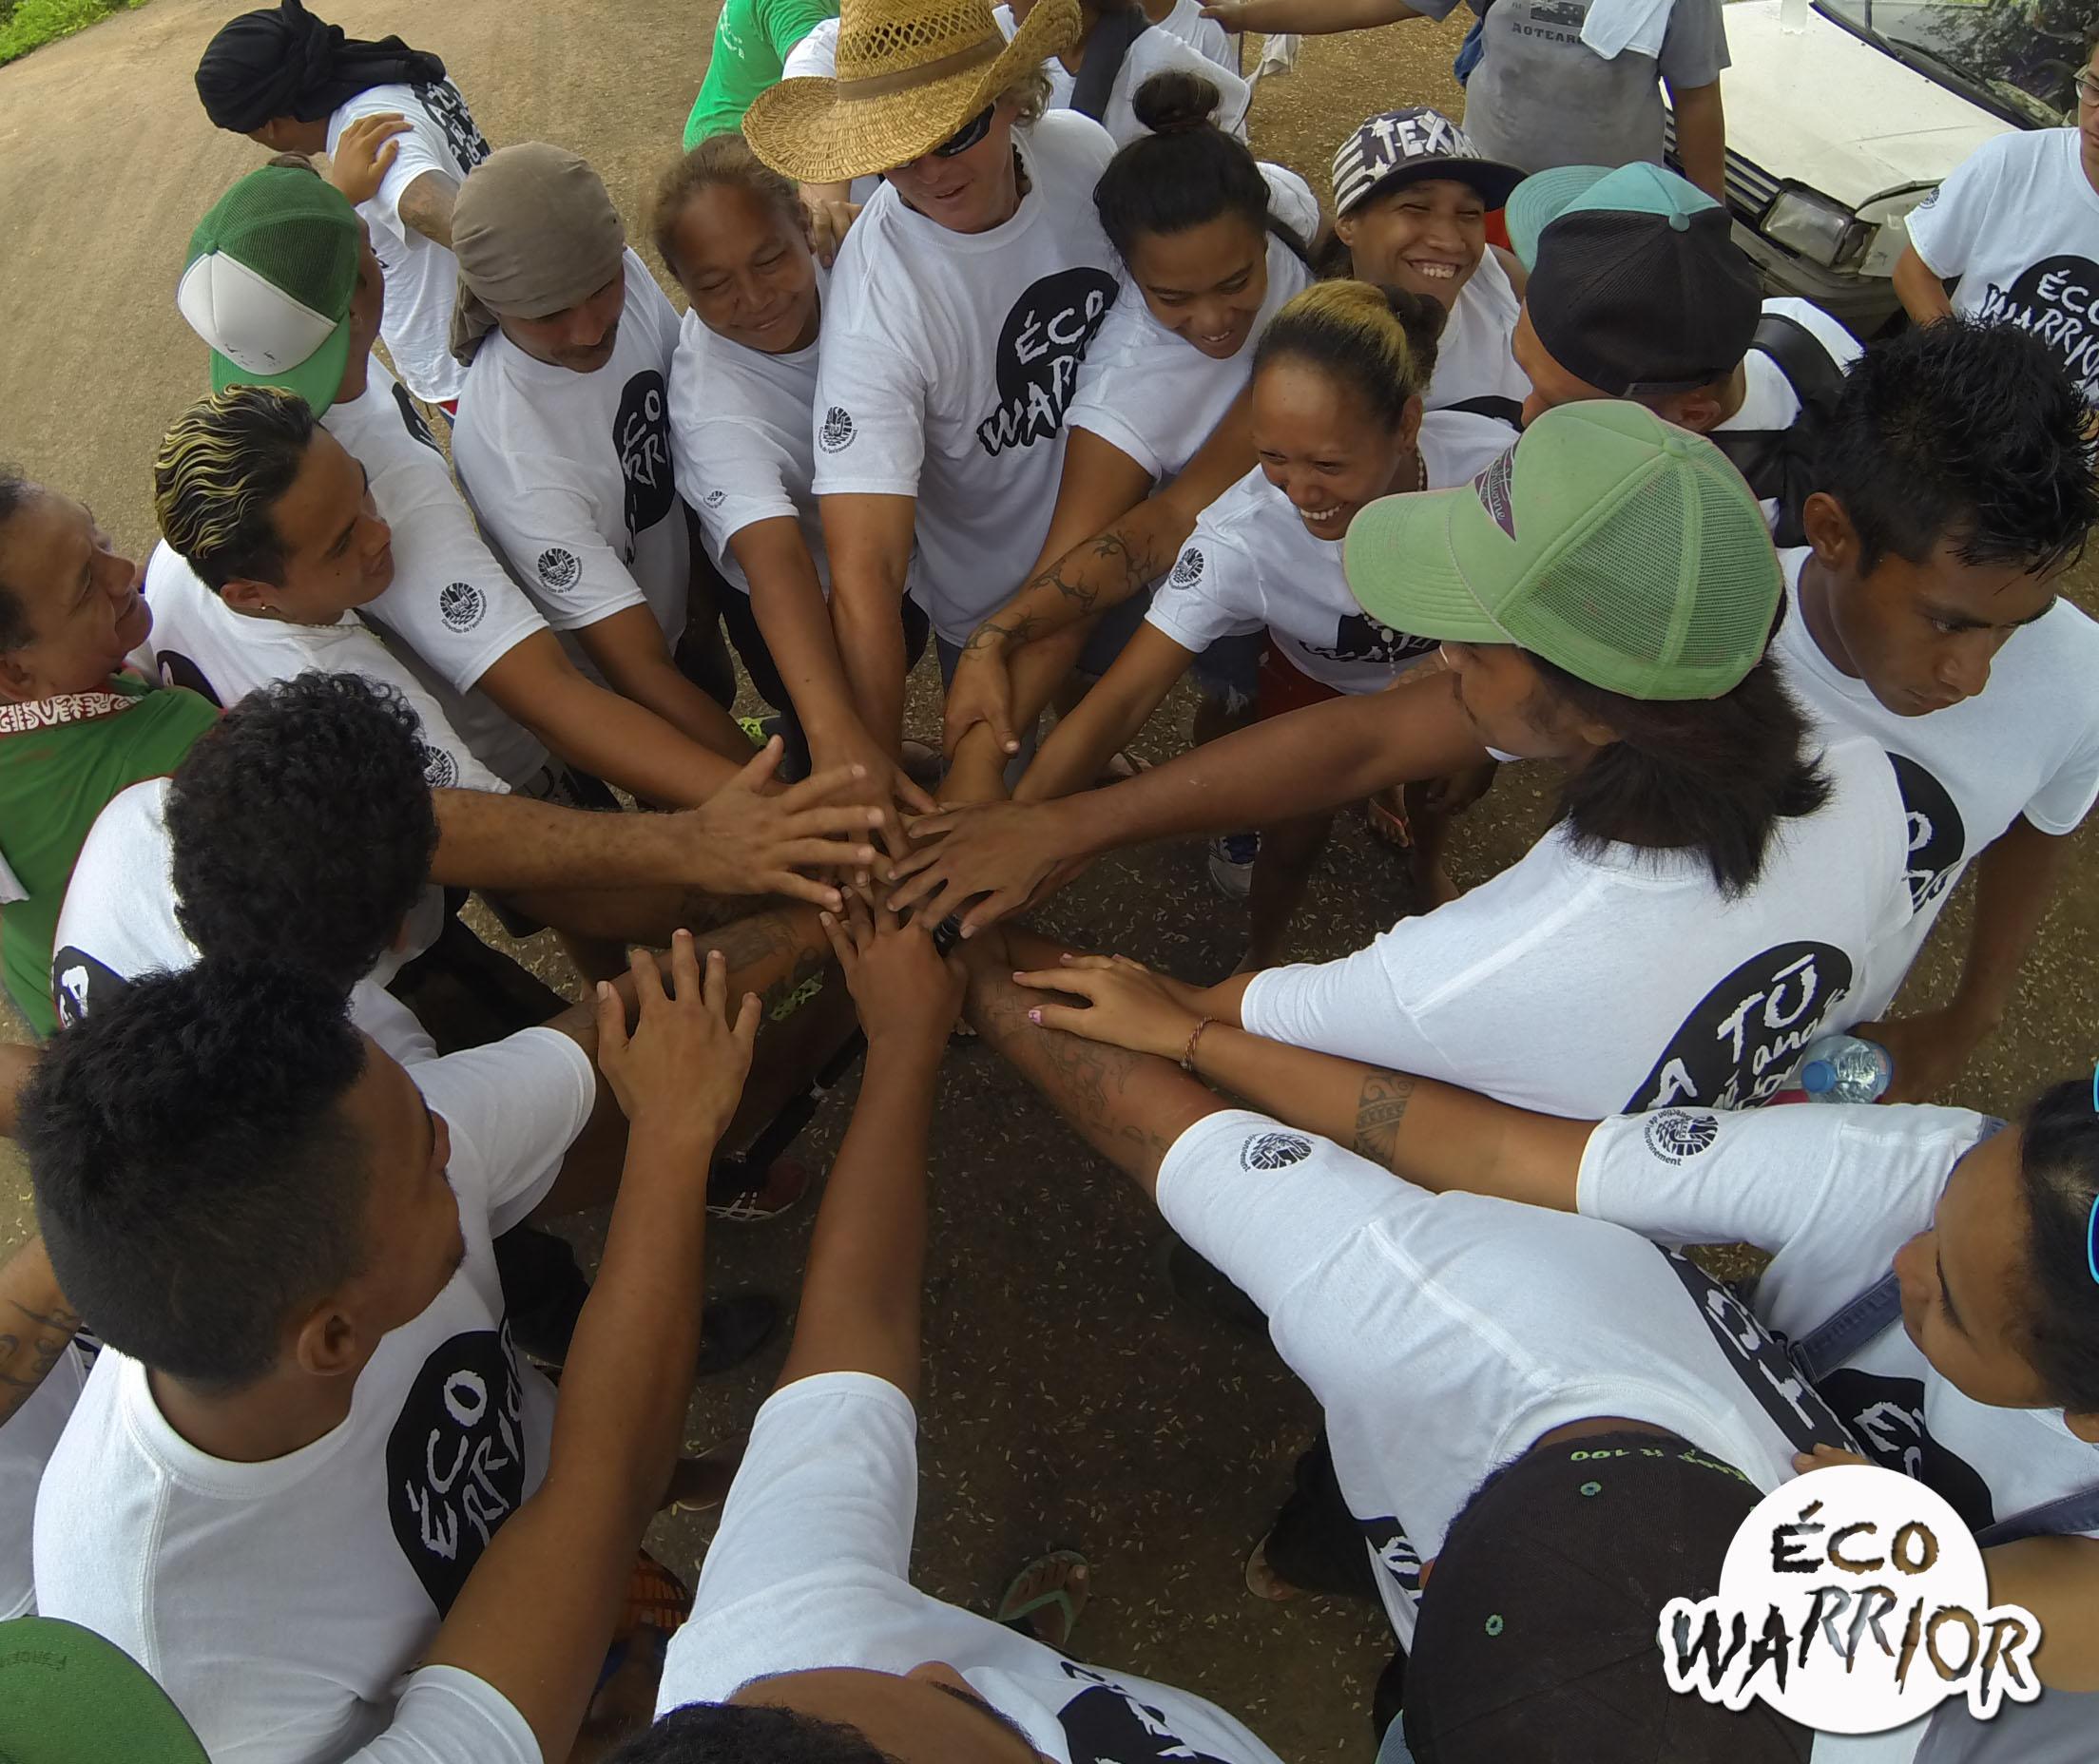 """L'opération """"Éco Warrior"""" a rassemblé des centaines de bénévoles qui ont œuvré pour rendre notre fenua plus propre."""